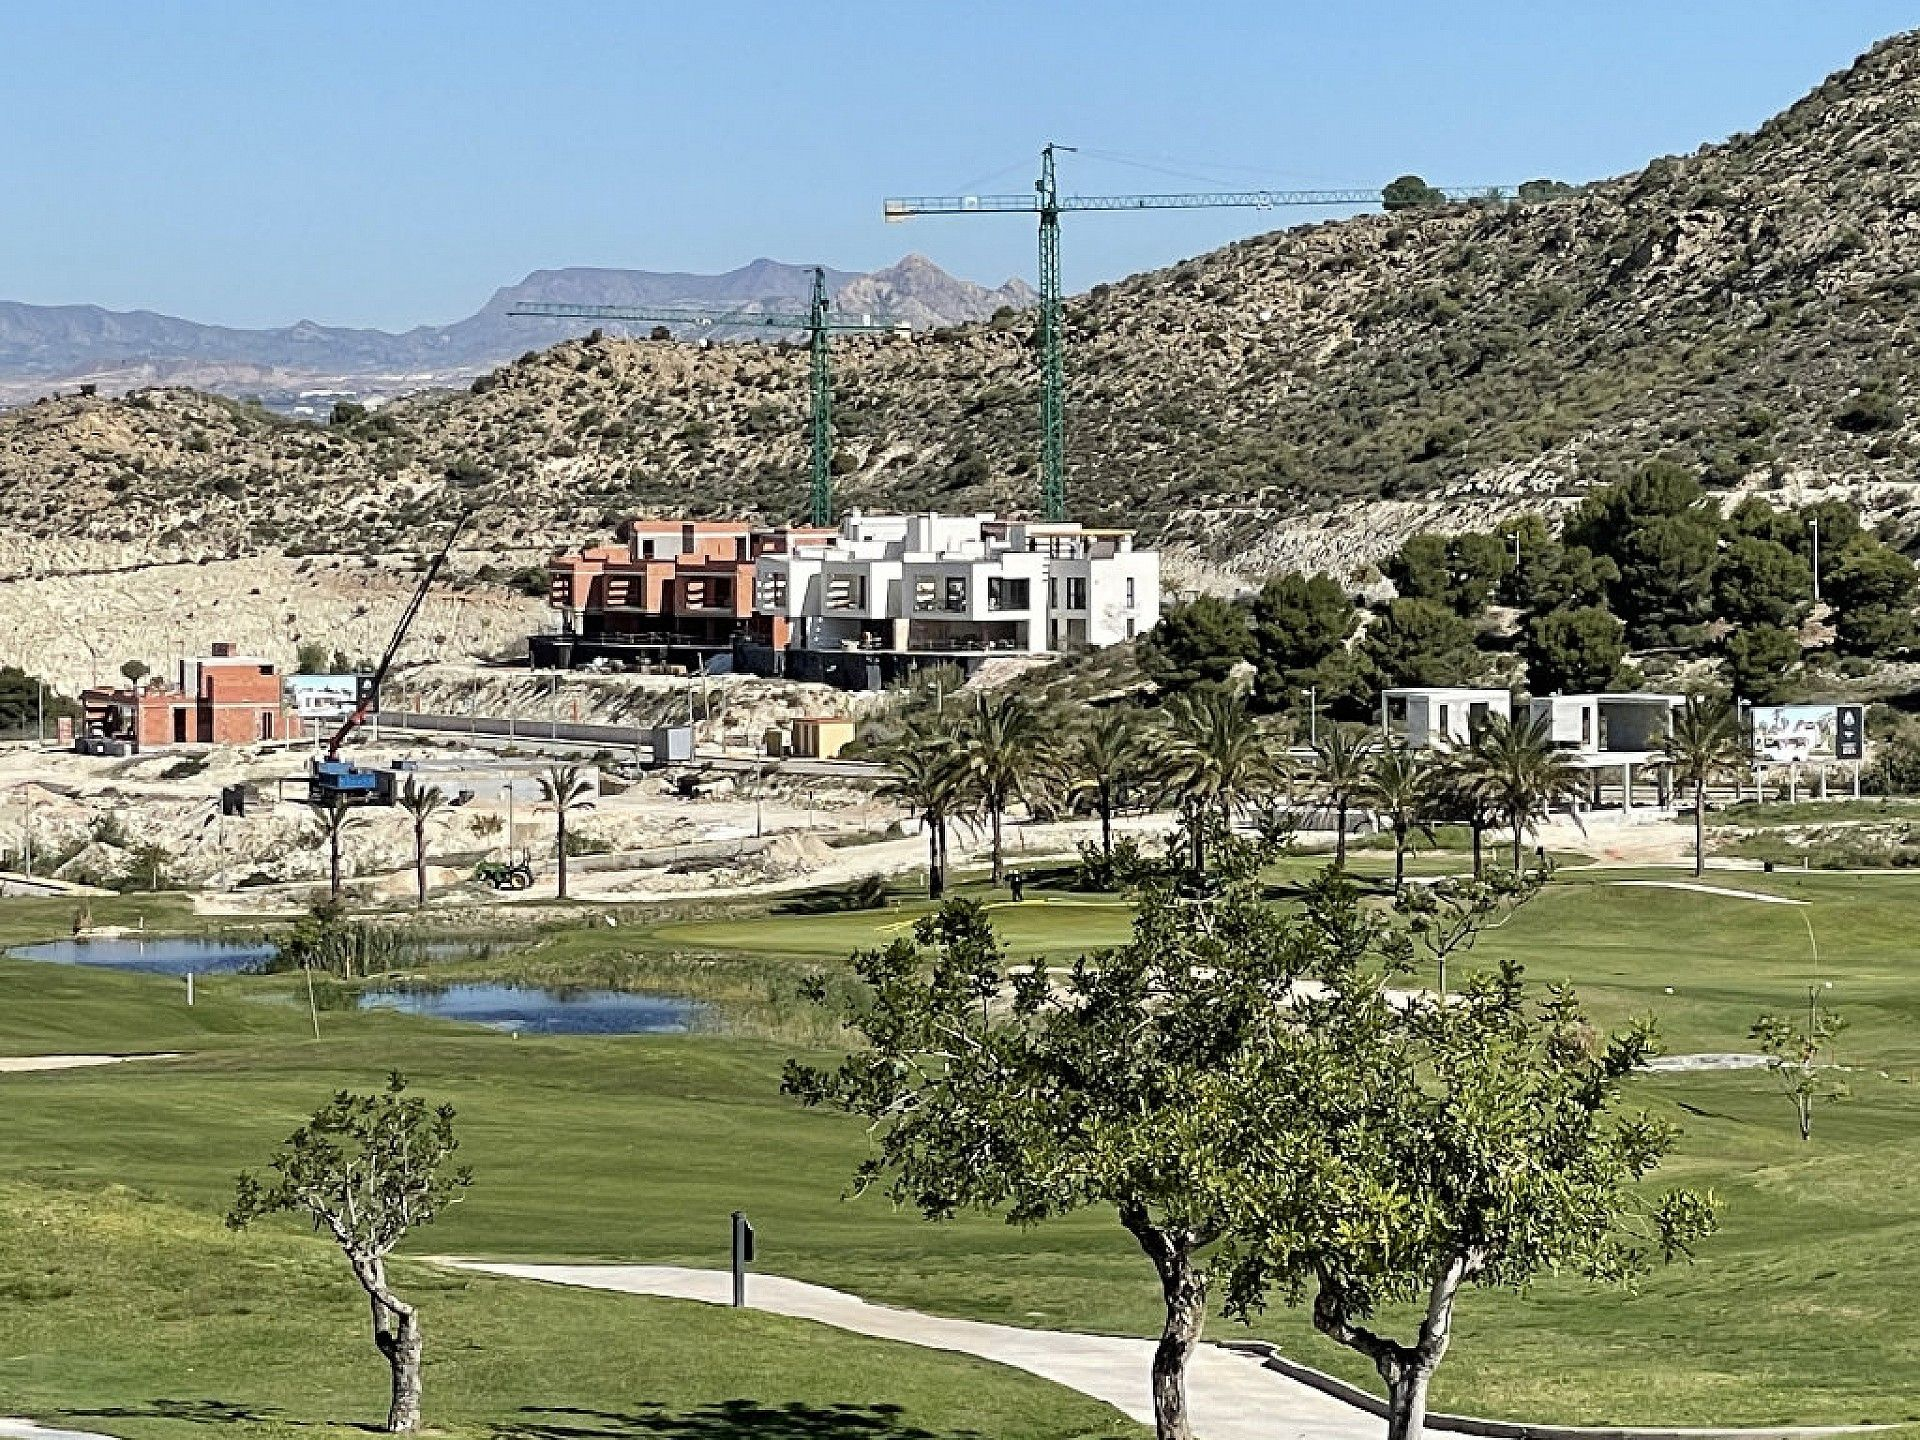 w_nieuwbouw-appartement-te-koop-golf-alicante-montforte-costa-blanca-spanje-golfview-020.jpg